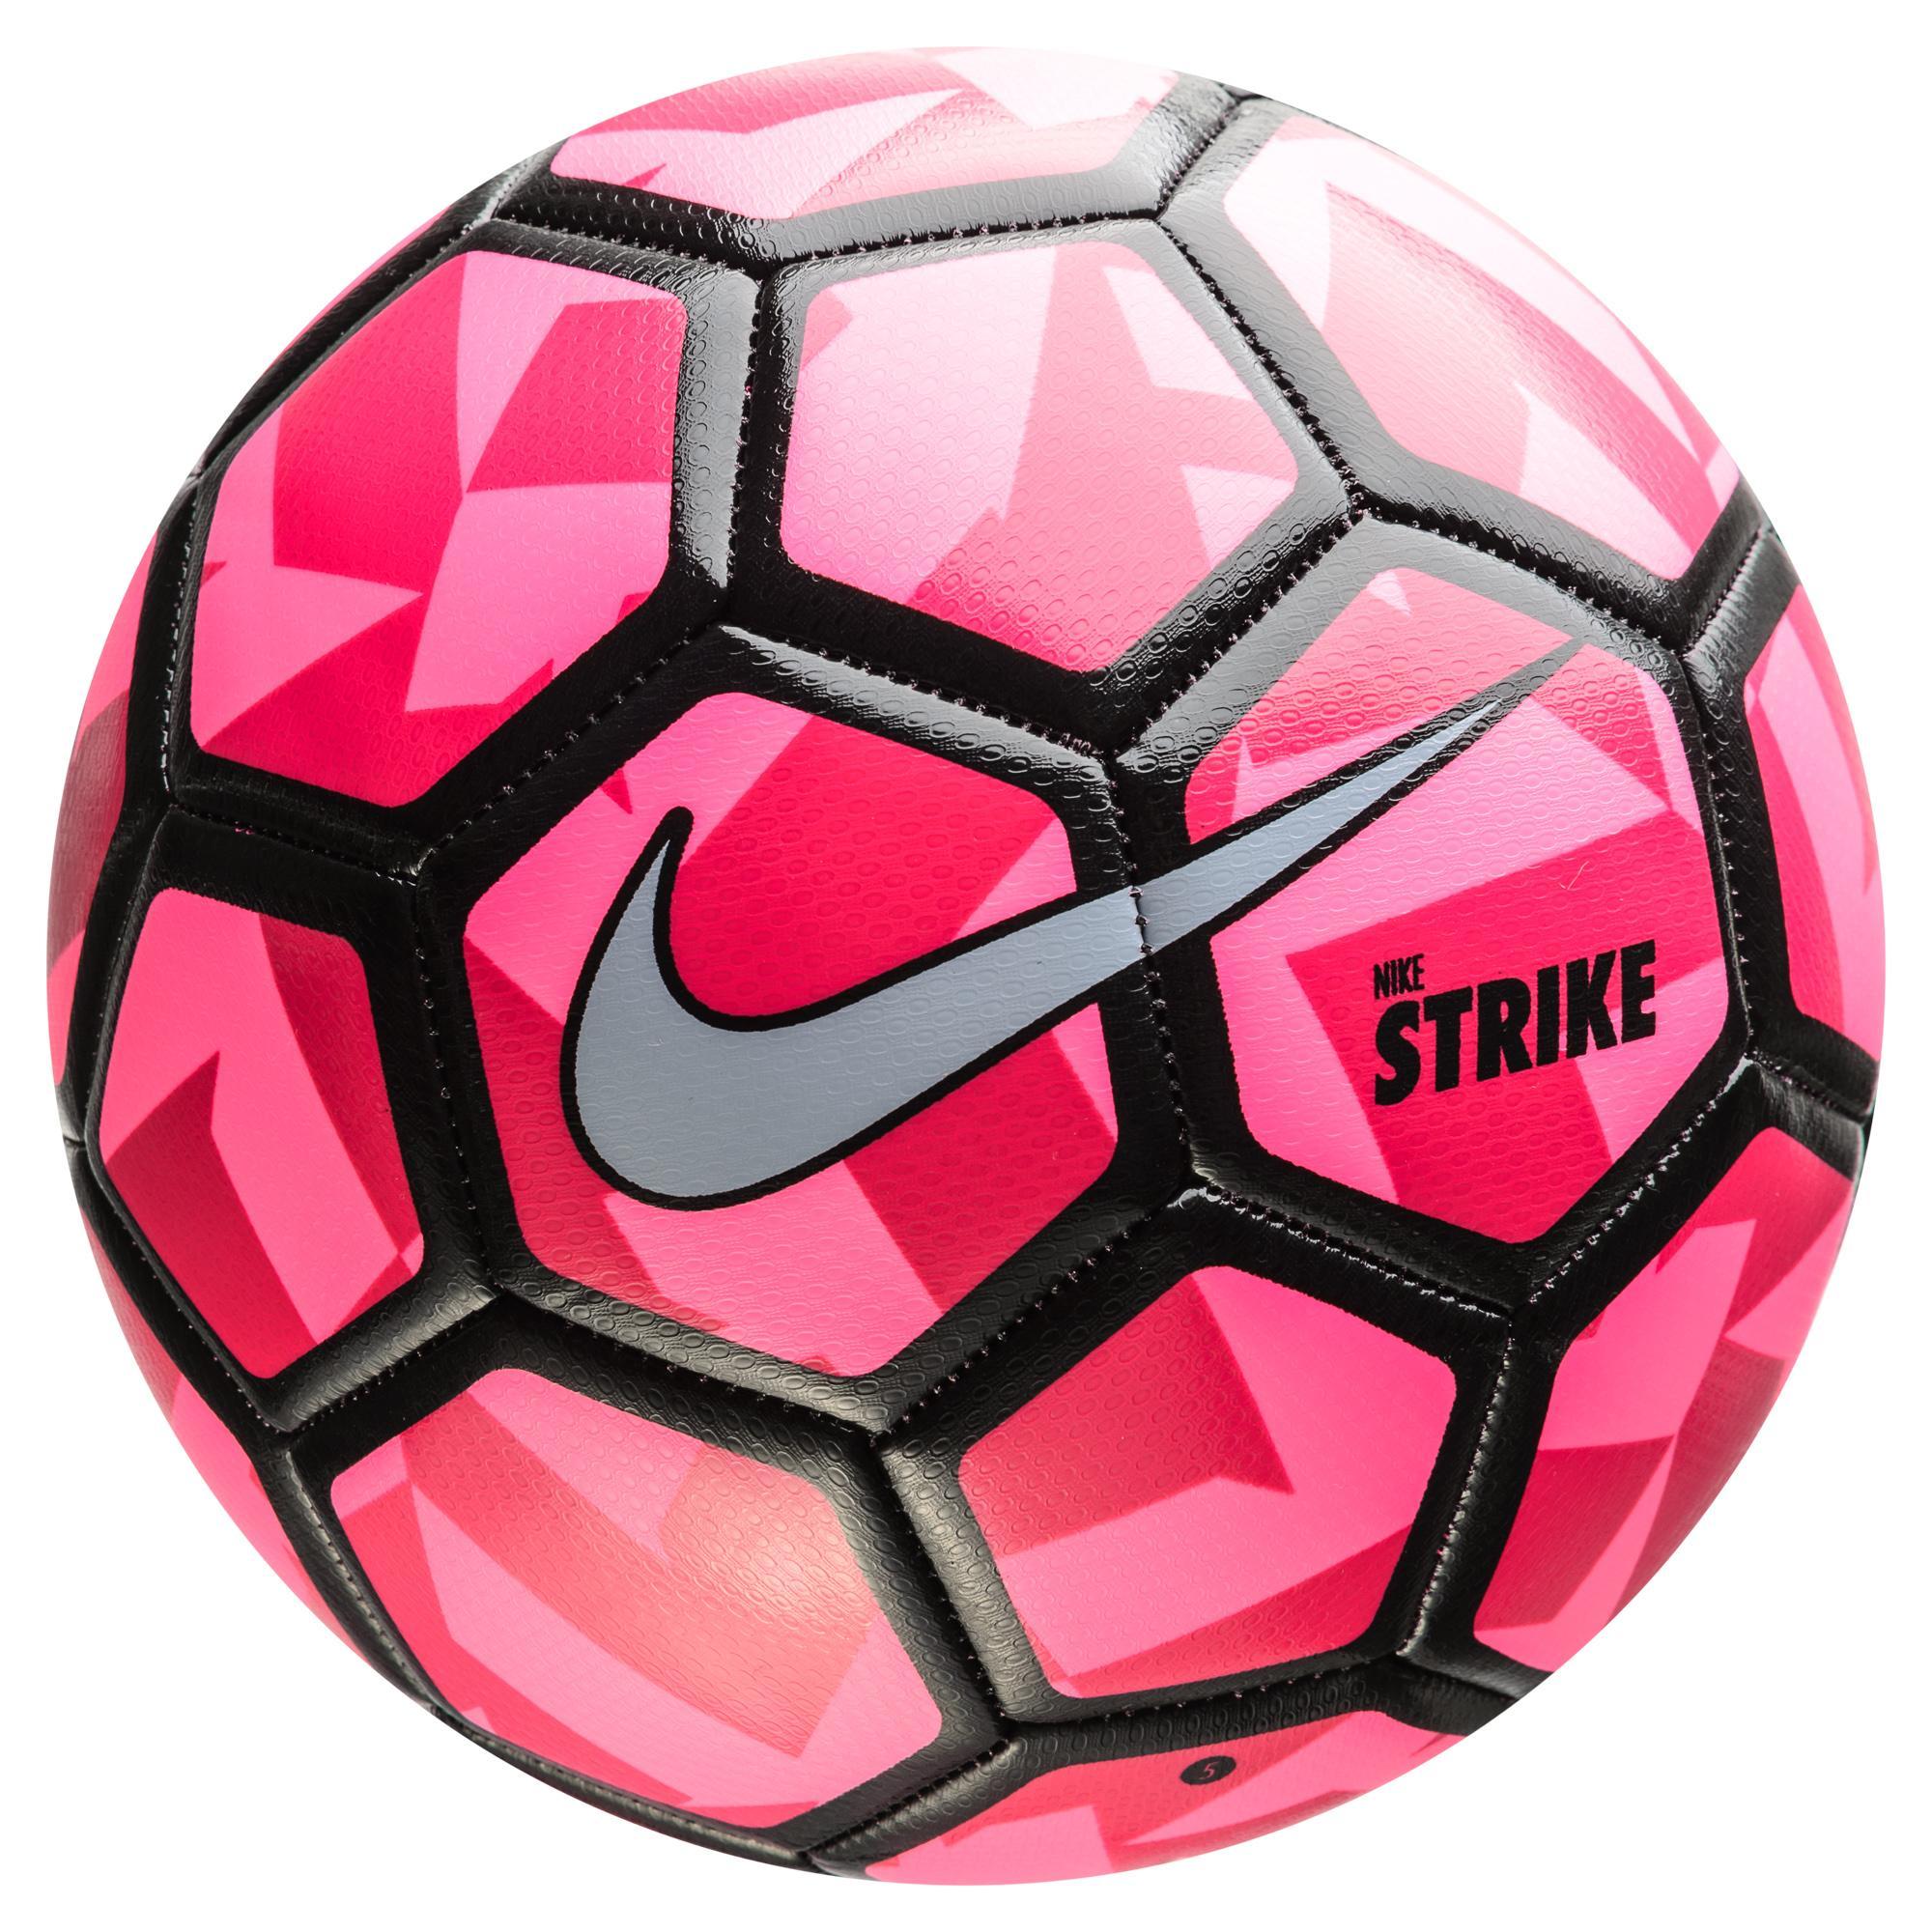 Nike Fotboll Duro Strike Rosa/Svart